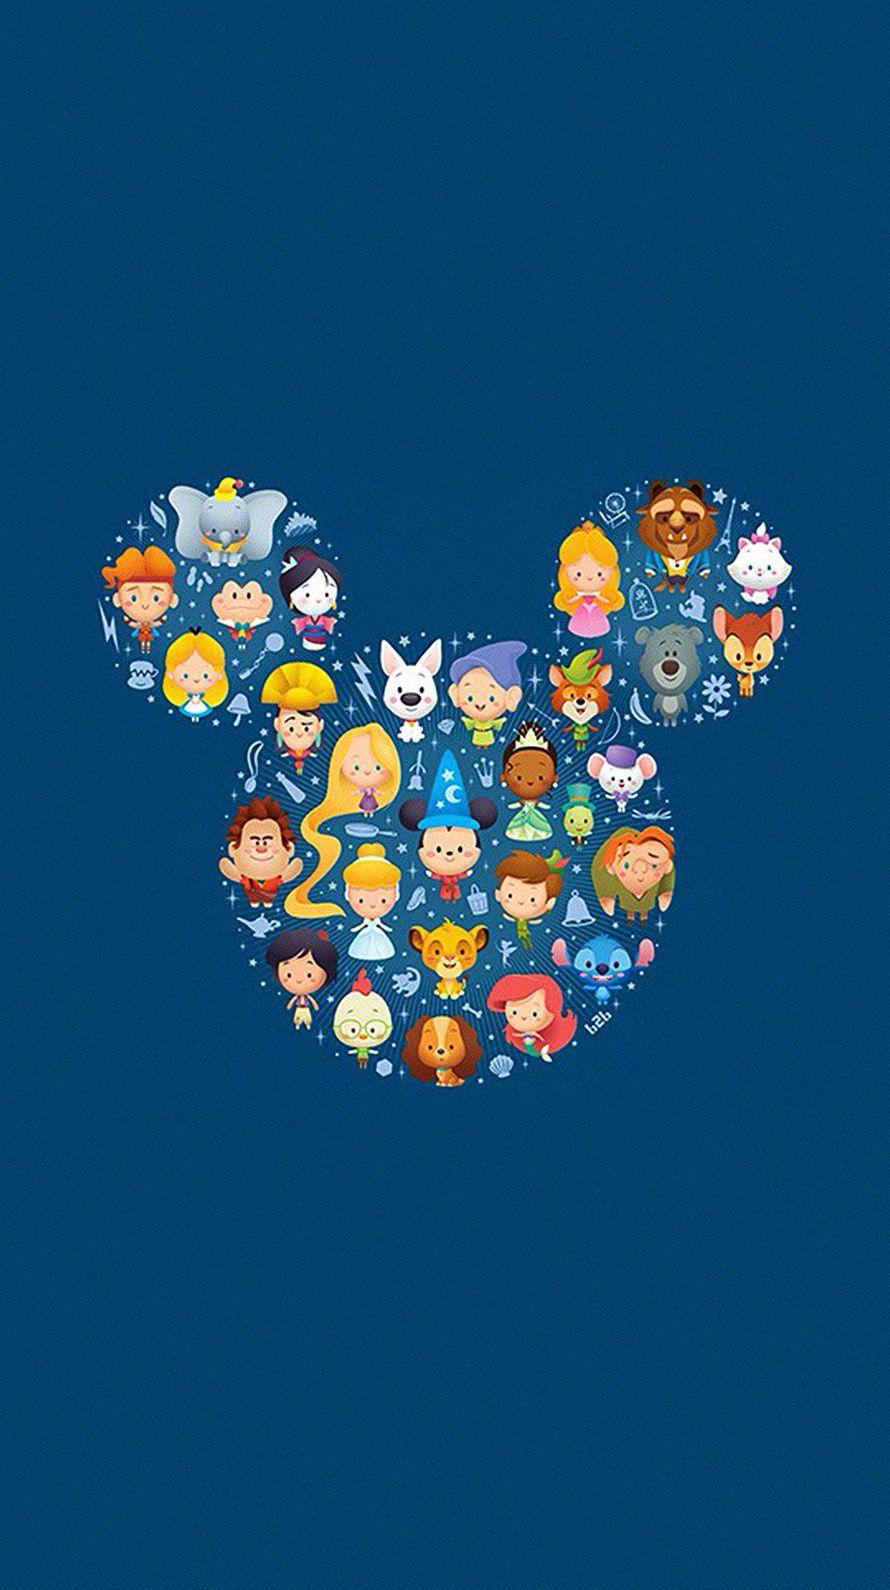 かわいいキャラクター Iphone6壁紙 ミッキーマウスの壁紙 漫画の壁紙 チップとデール 壁紙